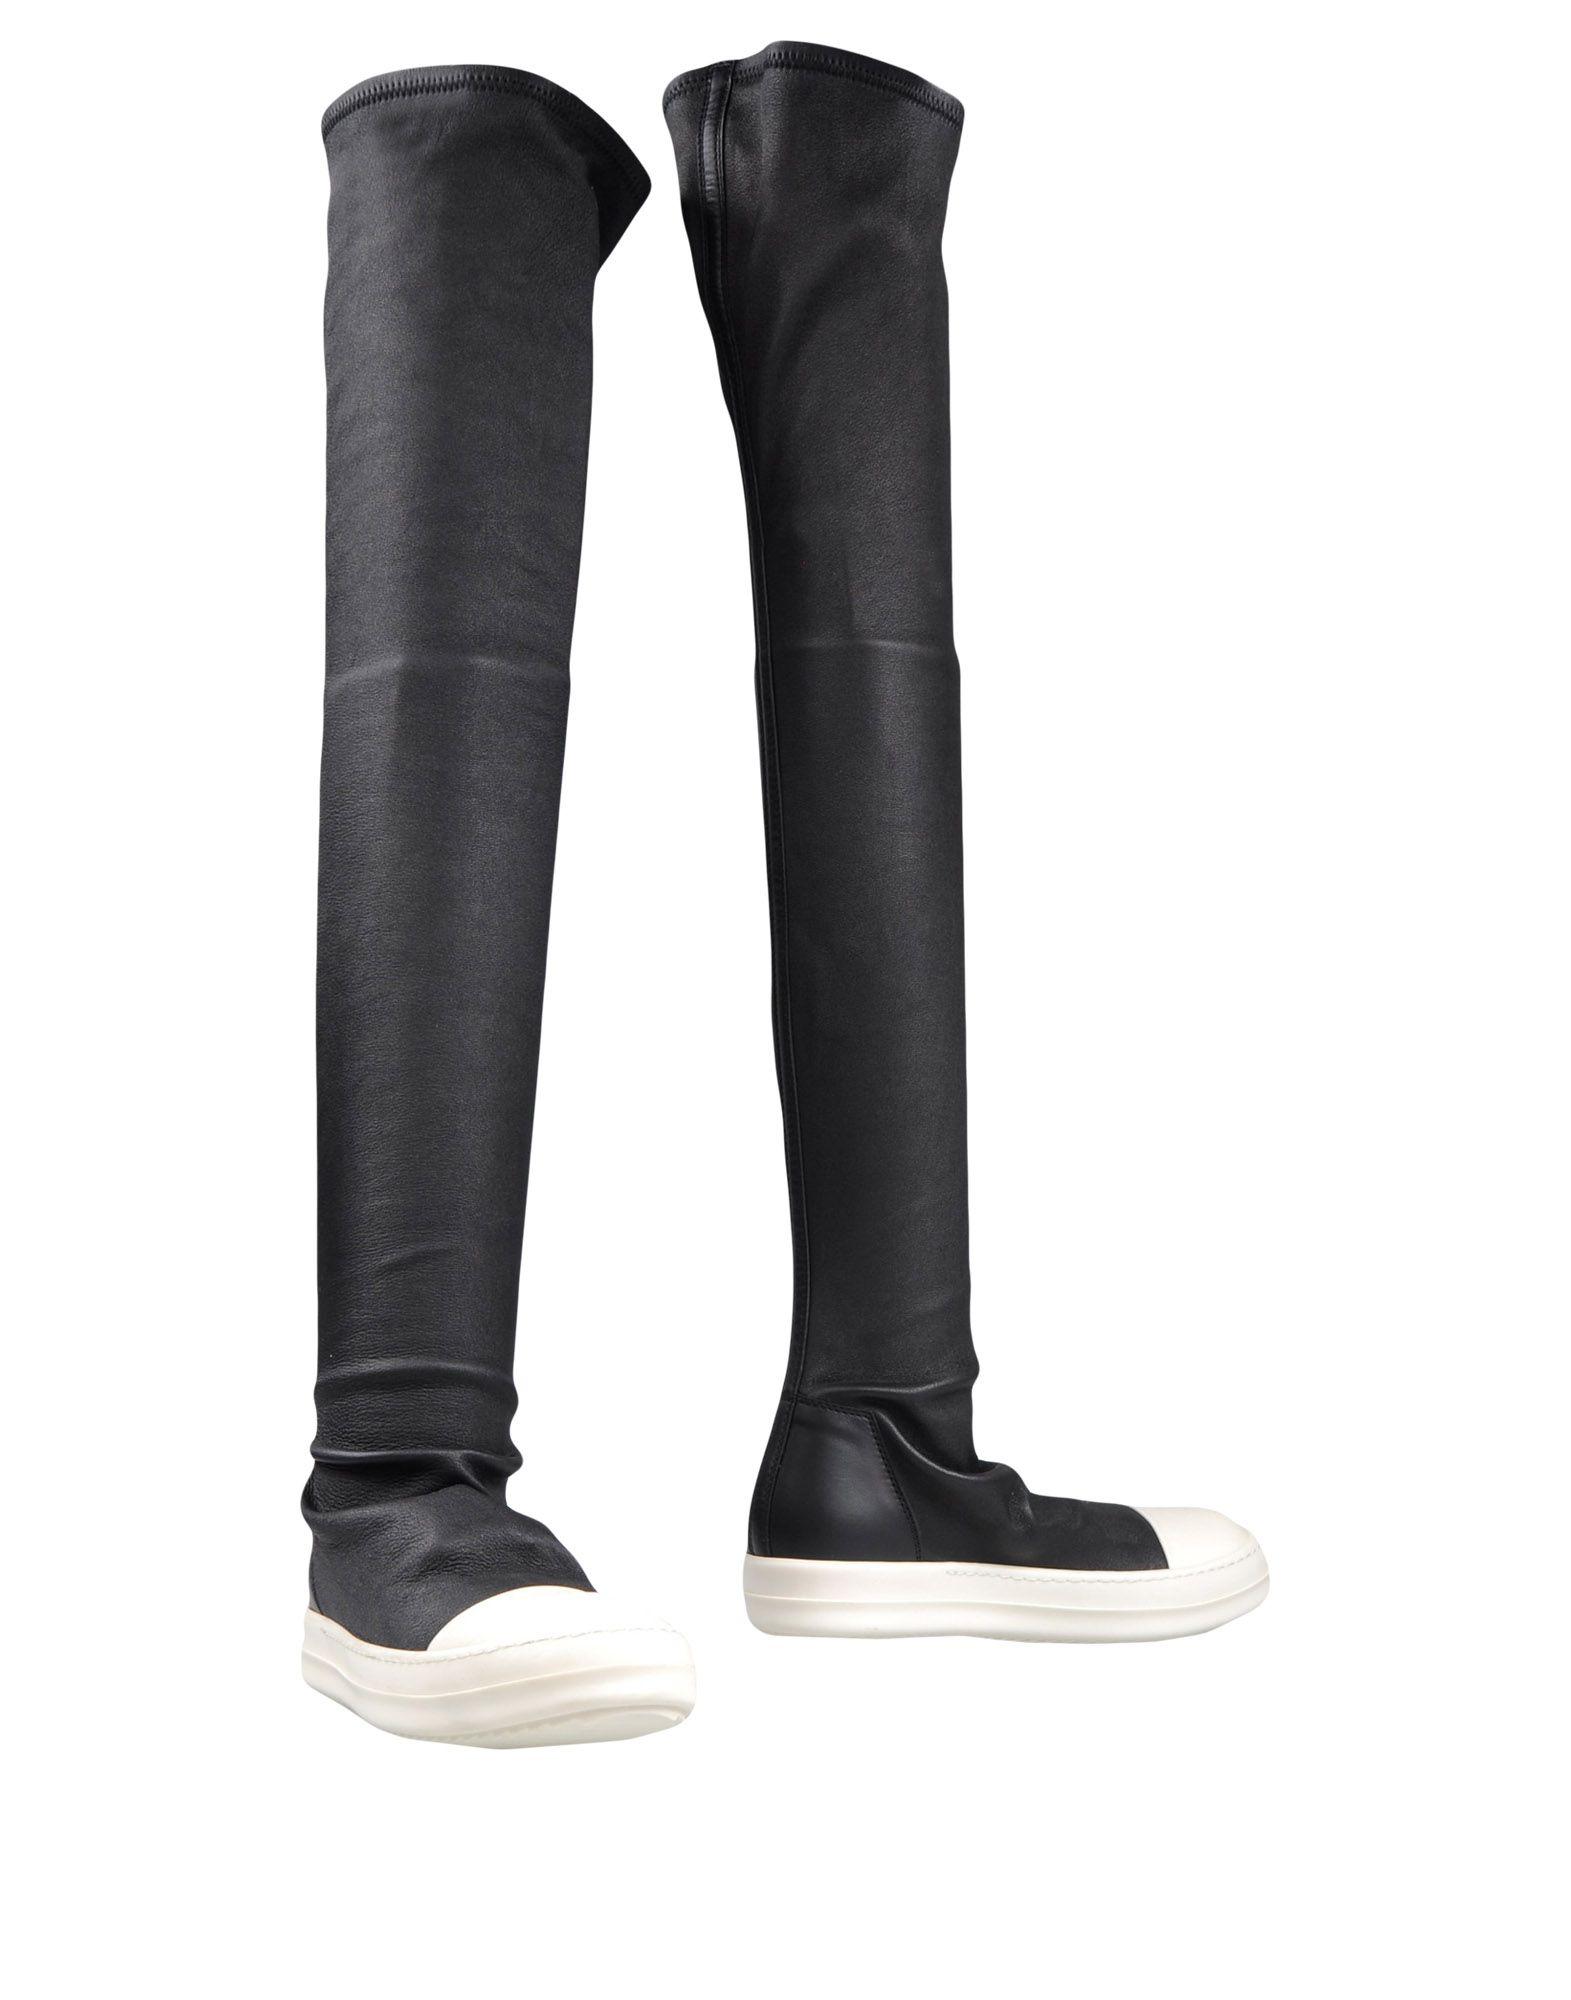 Rick Owens Stiefel aussehende Damen  11326789PKGünstige gut aussehende Stiefel Schuhe 4c6e5f